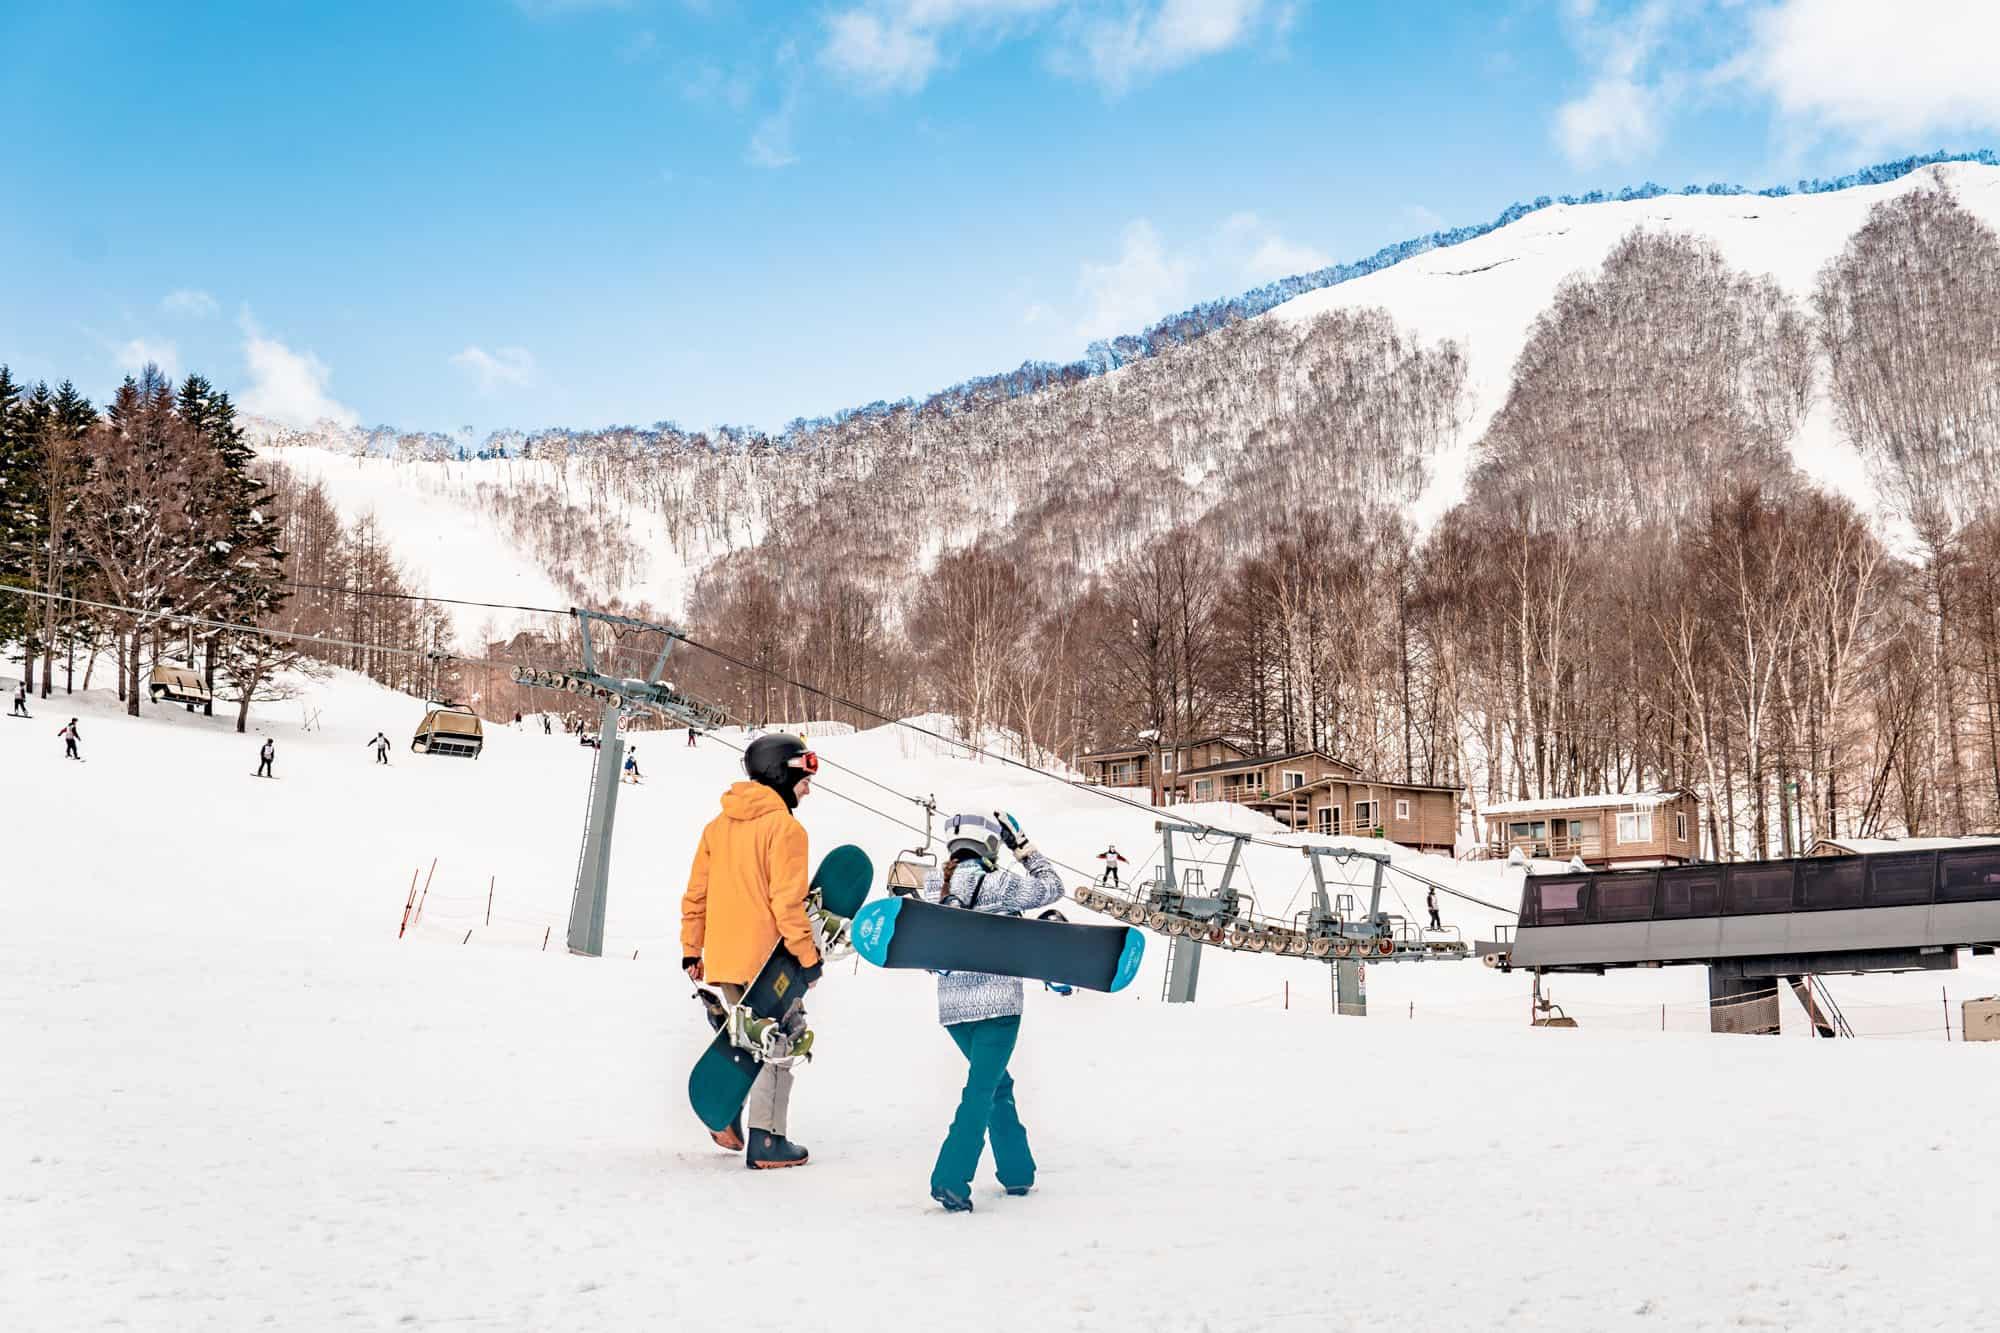 rusutsu ski resort